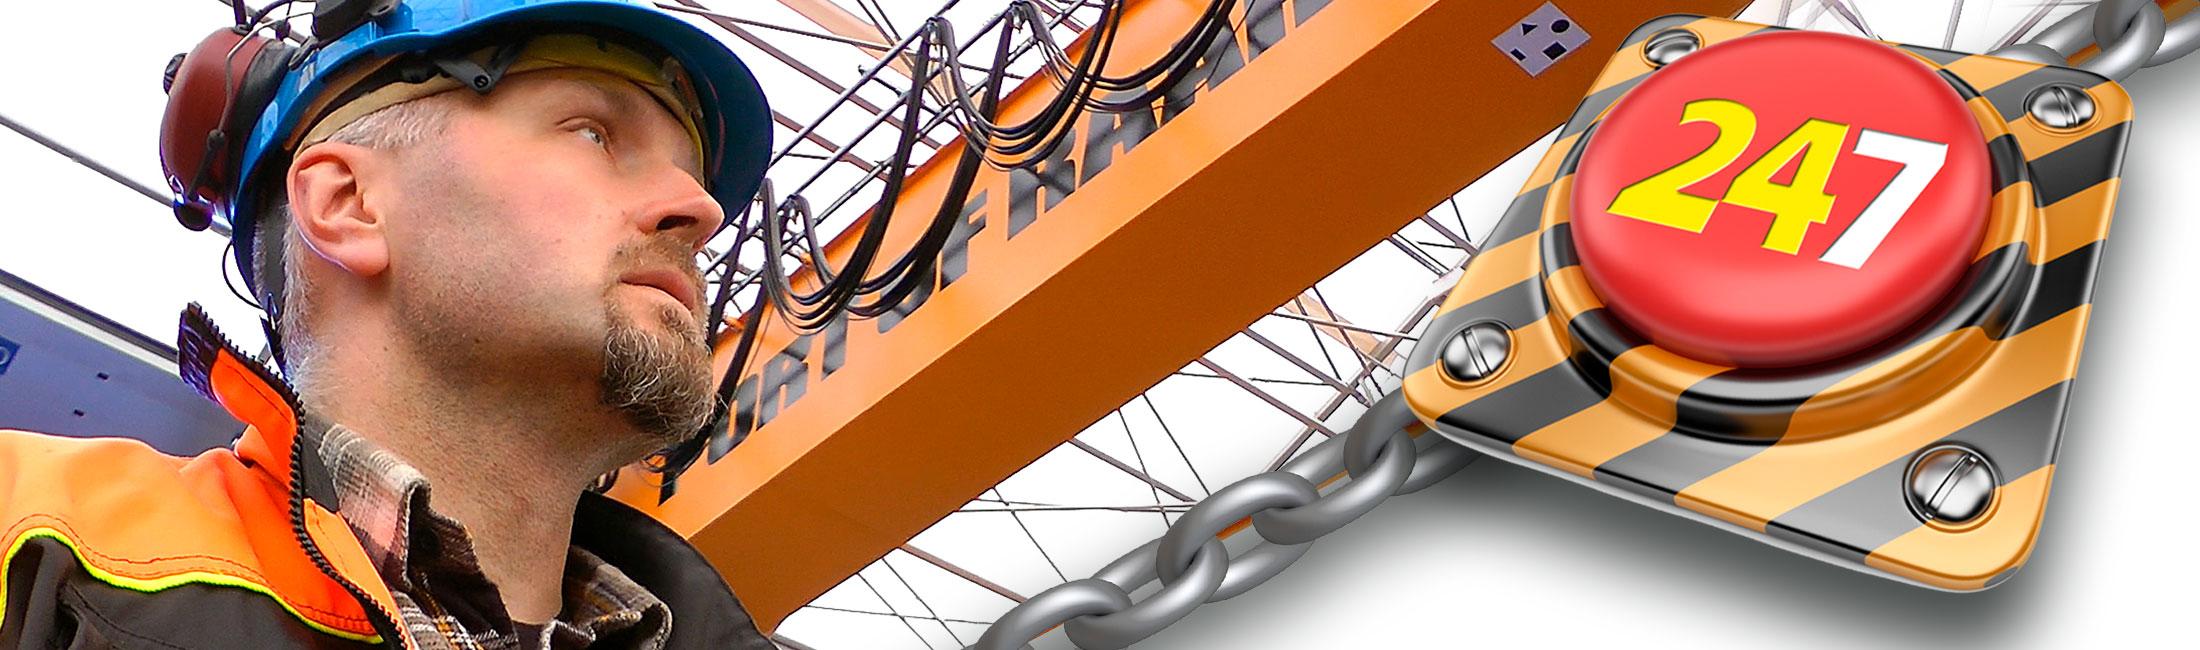 crane-service-nosturihuolto-teollisuus-metalliteollisuus-teollisuuden-siltanosturit-satateras-3